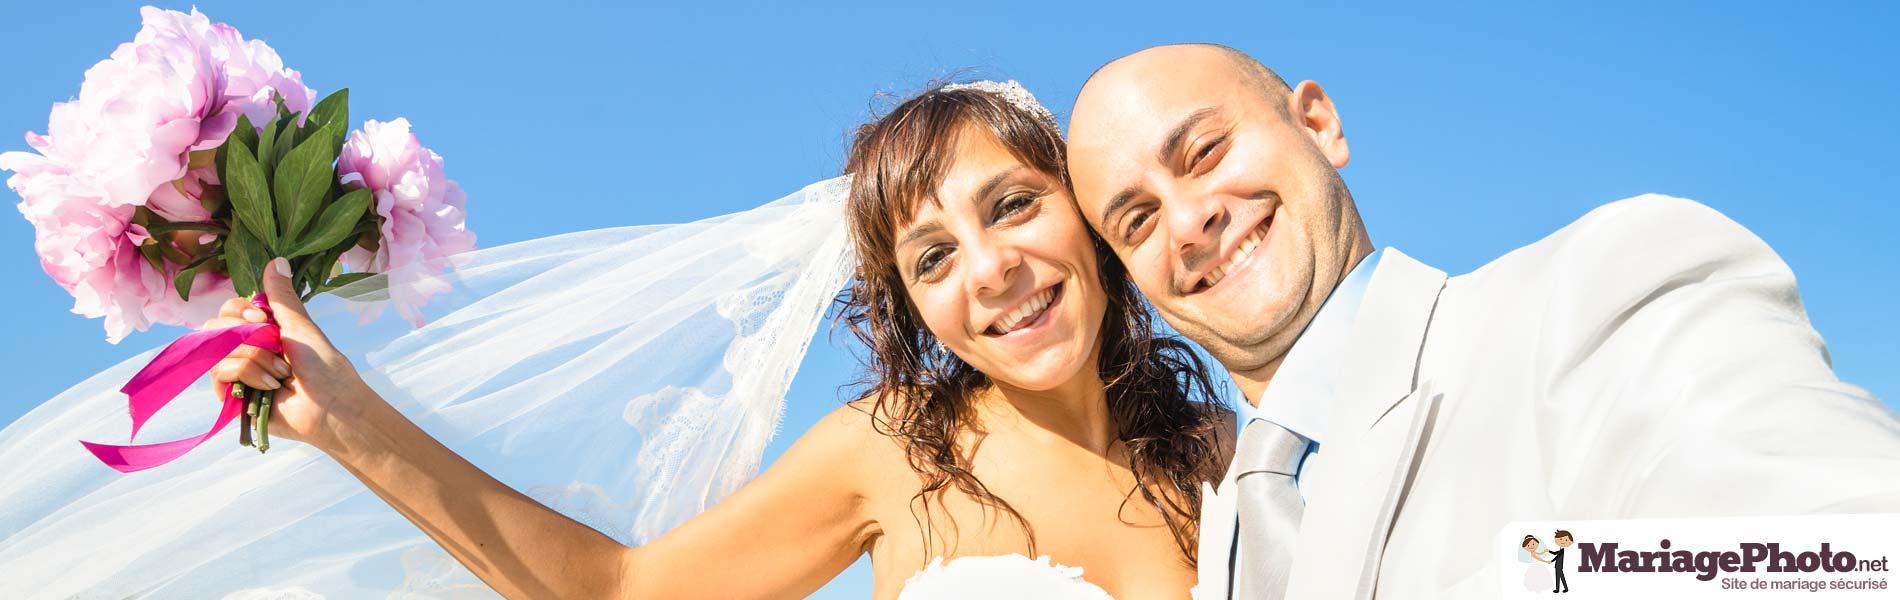 Créez votre espace de mariage sécurisé